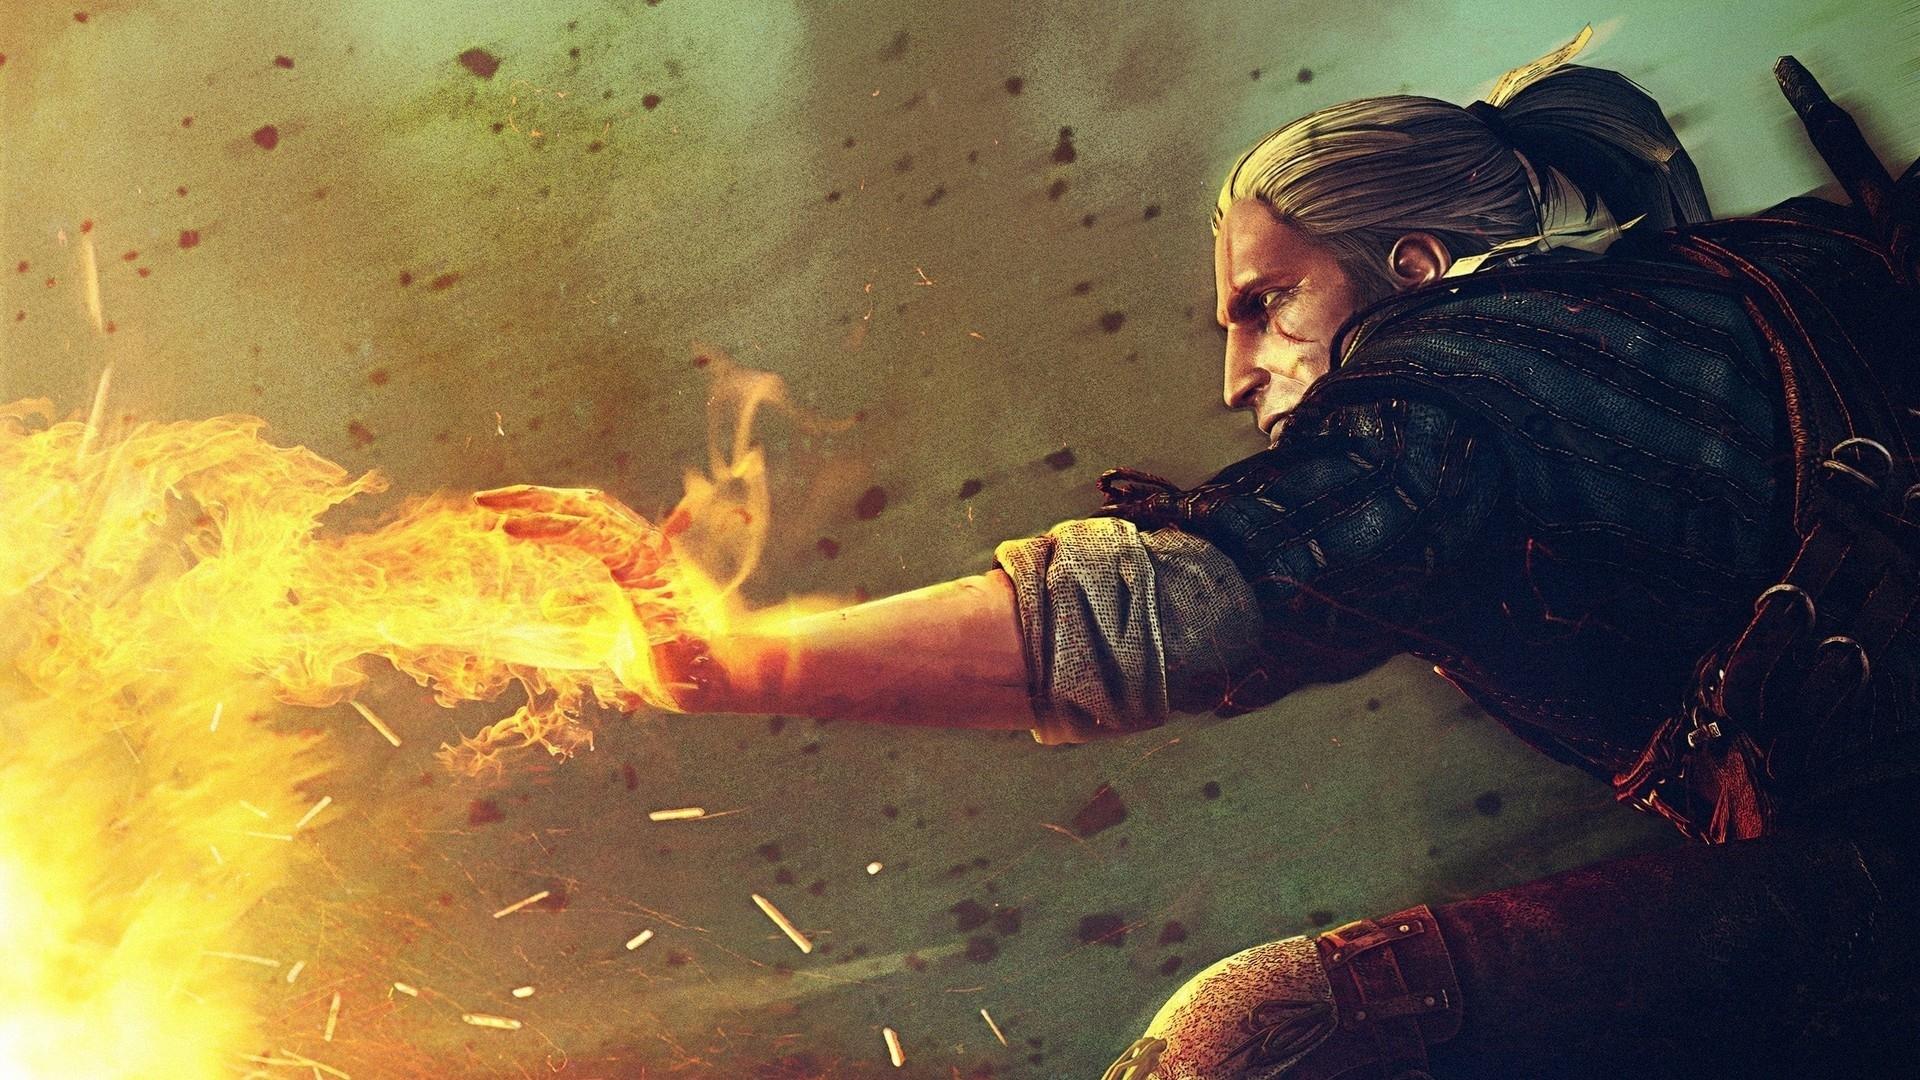 the_witcher_fire_hand_blonde_warrior_21328_1920x1080